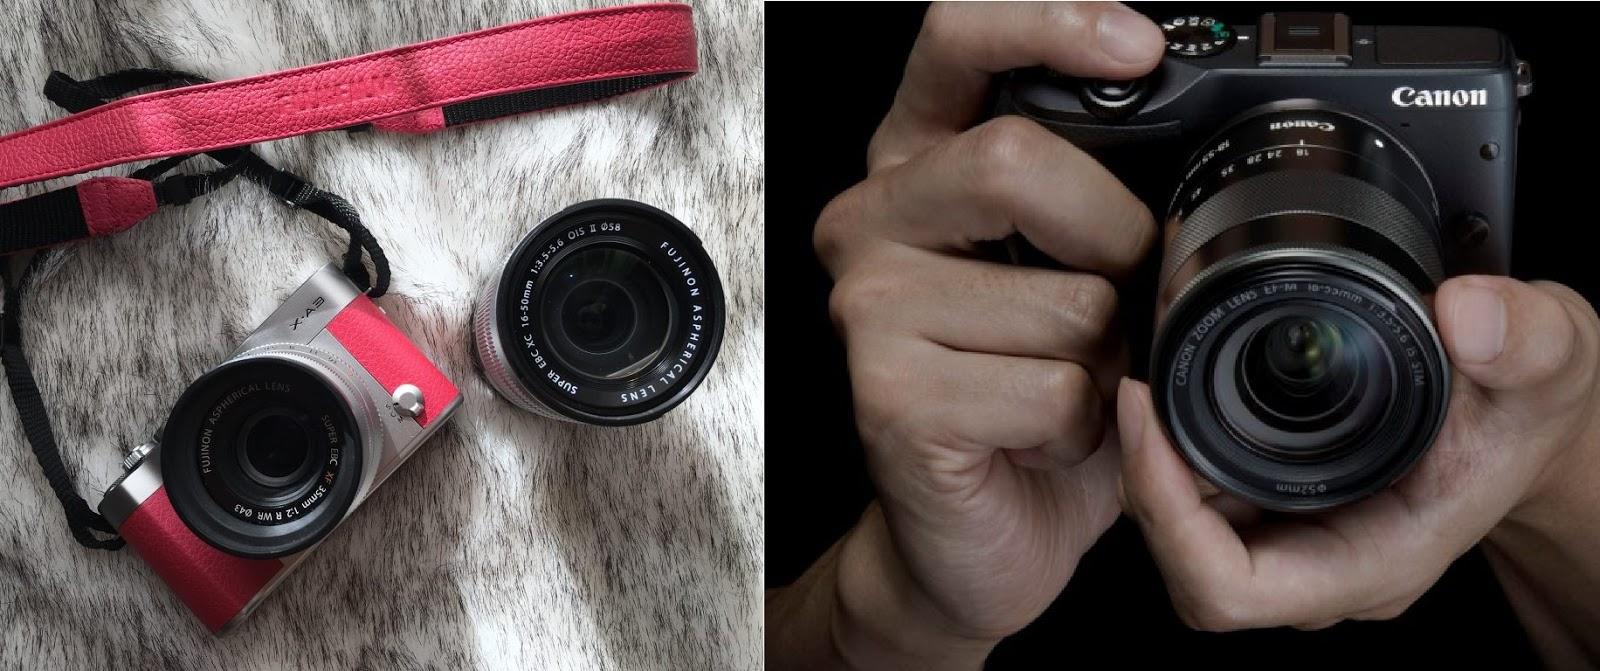 Perbandingan Kamera Fujifilm X-A3 dengan Canon M3